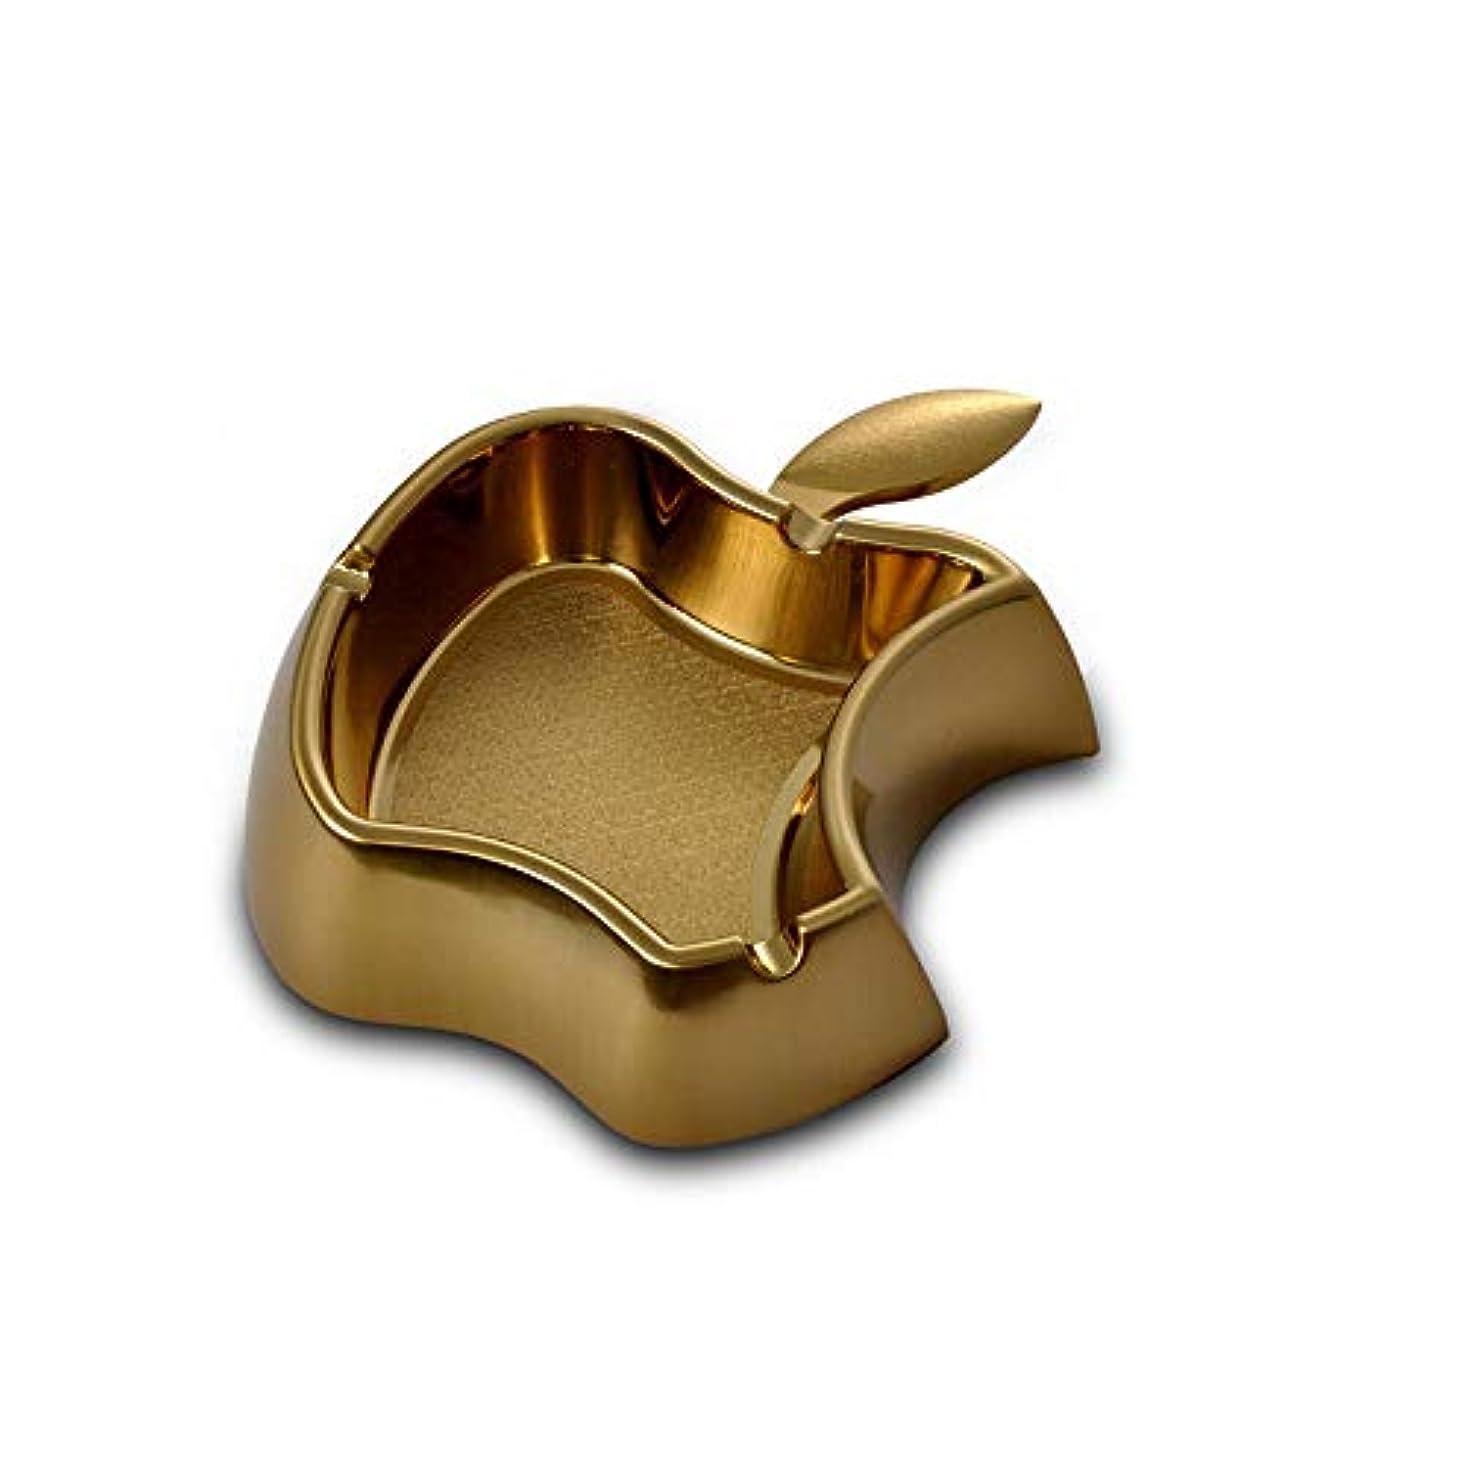 富豪後悔葬儀クリエイティブアップルメタル灰皿シンプルな灰皿耐火ドロップ灰皿 (色 : ゴールド)